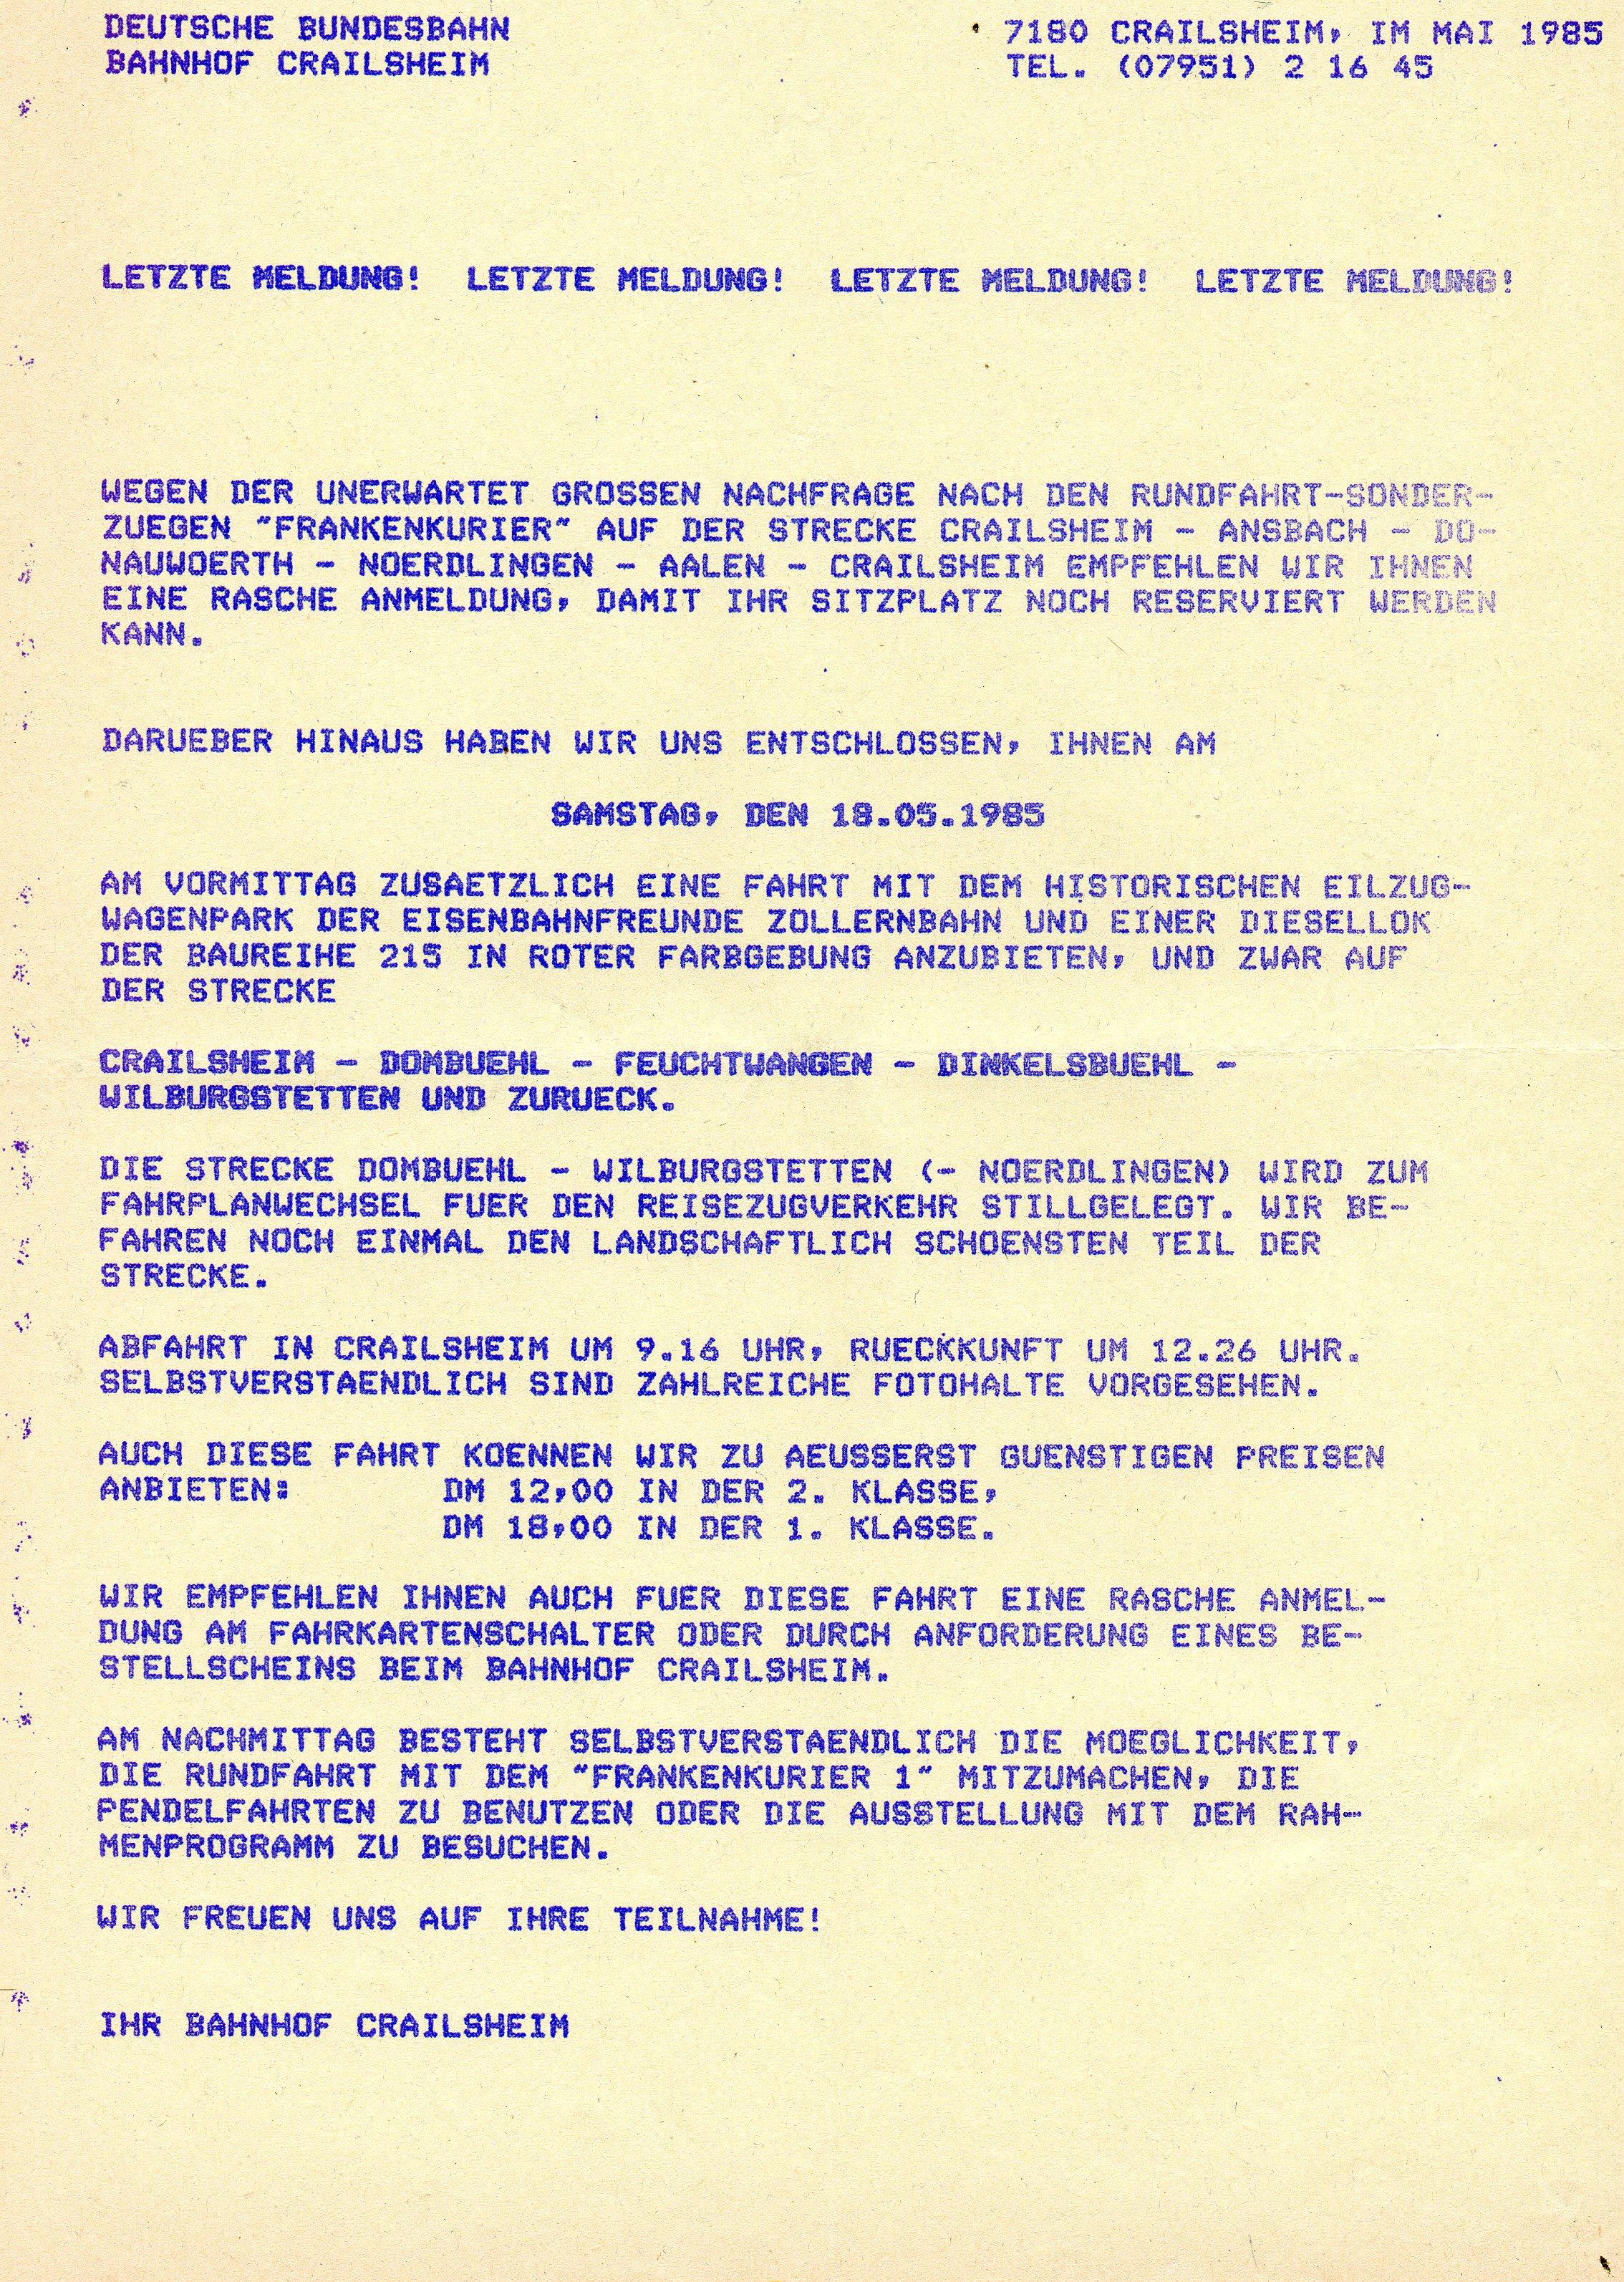 Ausschreibung Sonderfahrt 18.5.1985